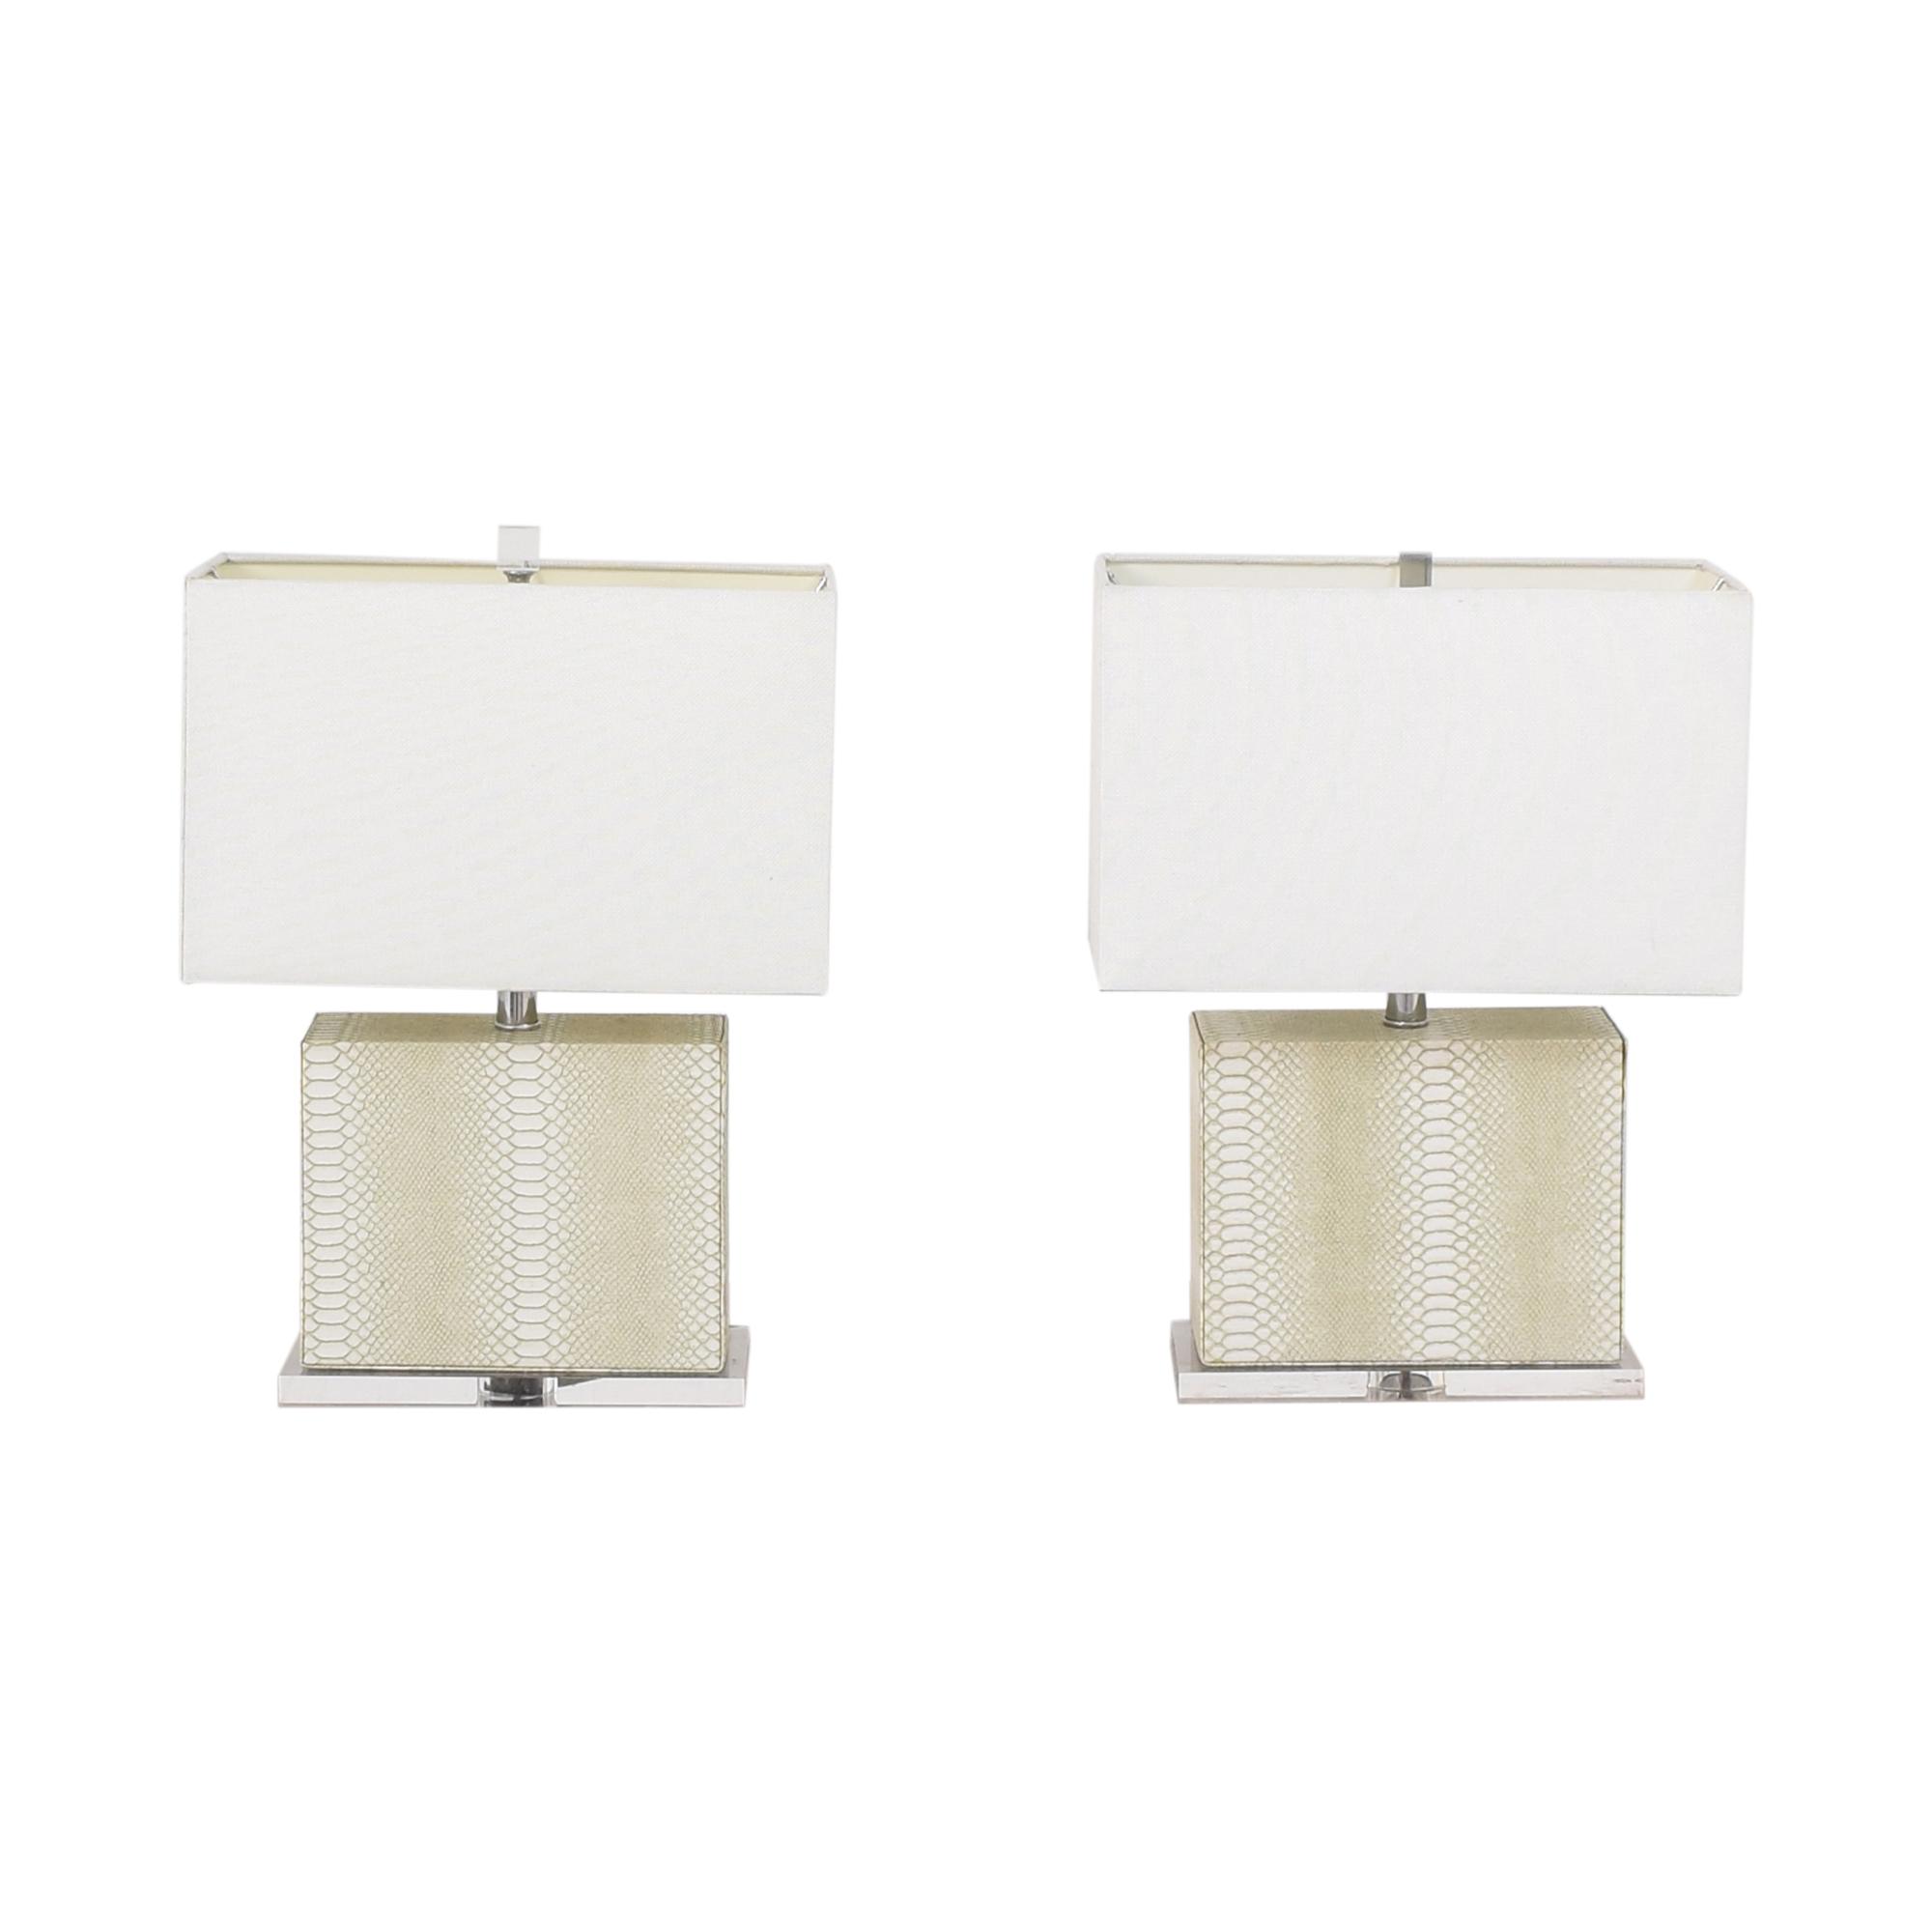 Safavieh Delia Table Lamps / Decor